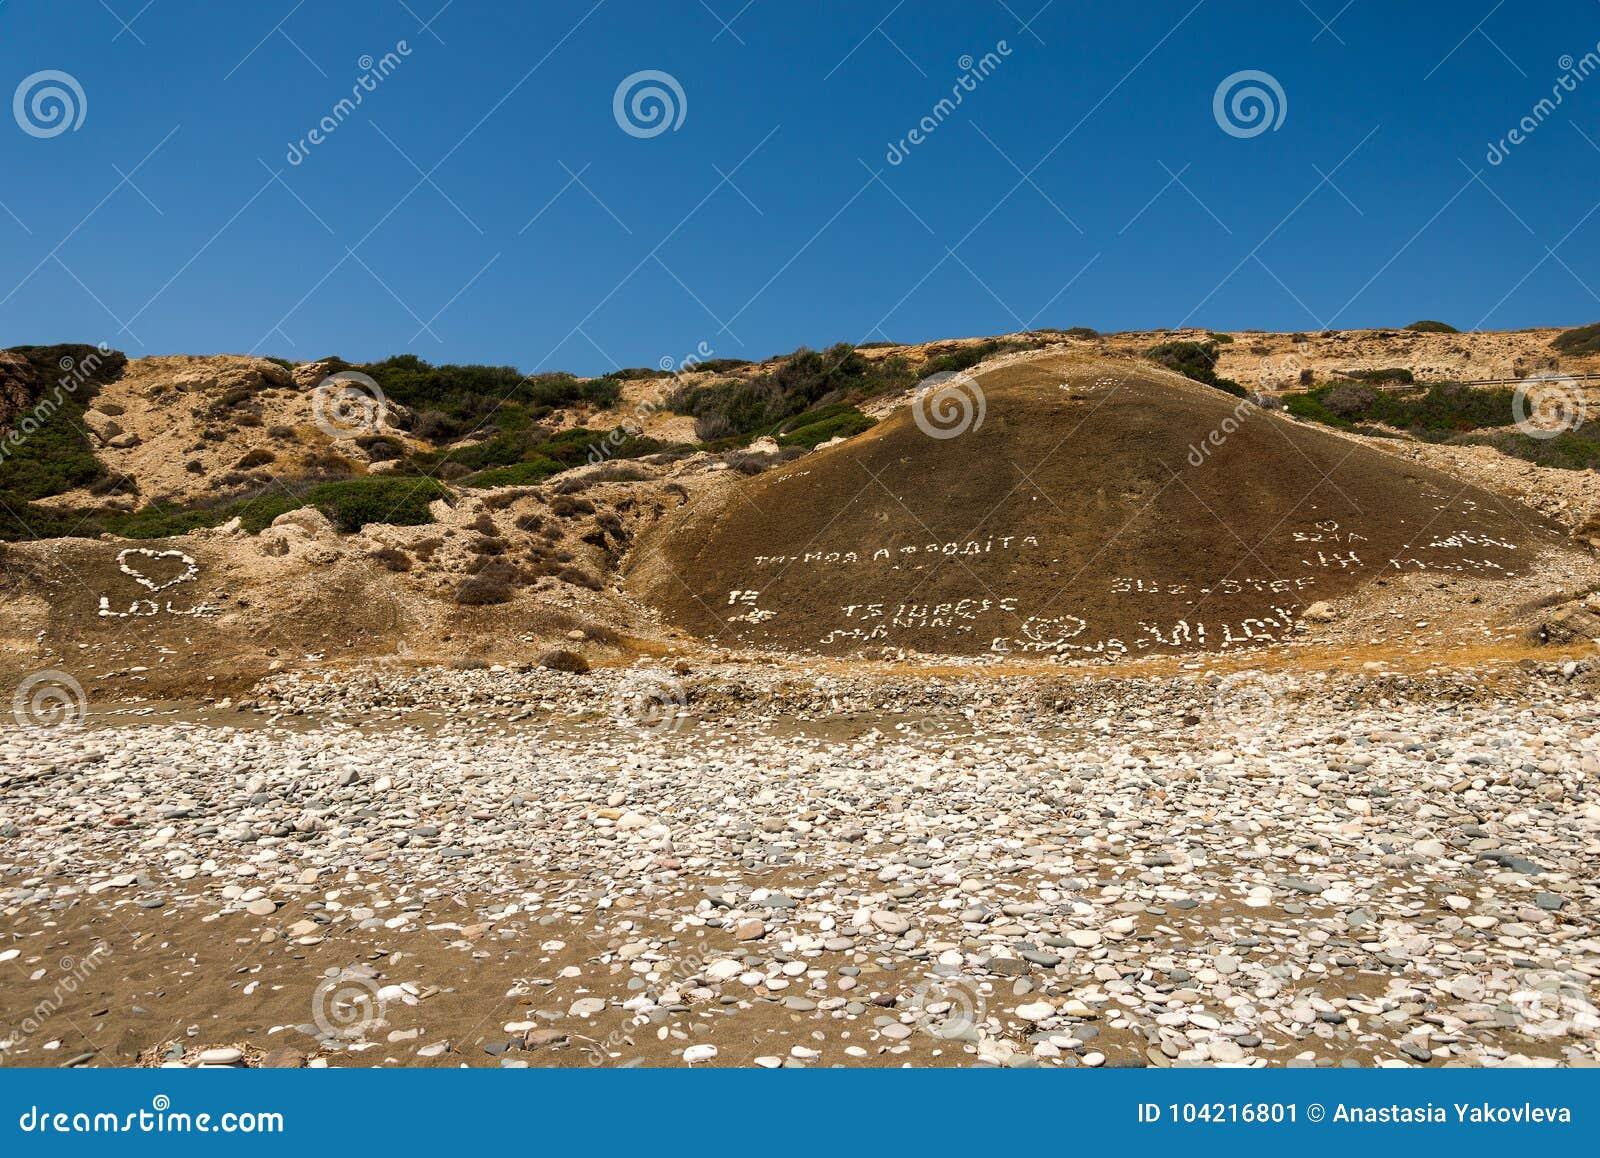 Каменные inscribed сочинительства и сердца влюбленности на холме на утесе Афродиты приставают к берегу в Кипре